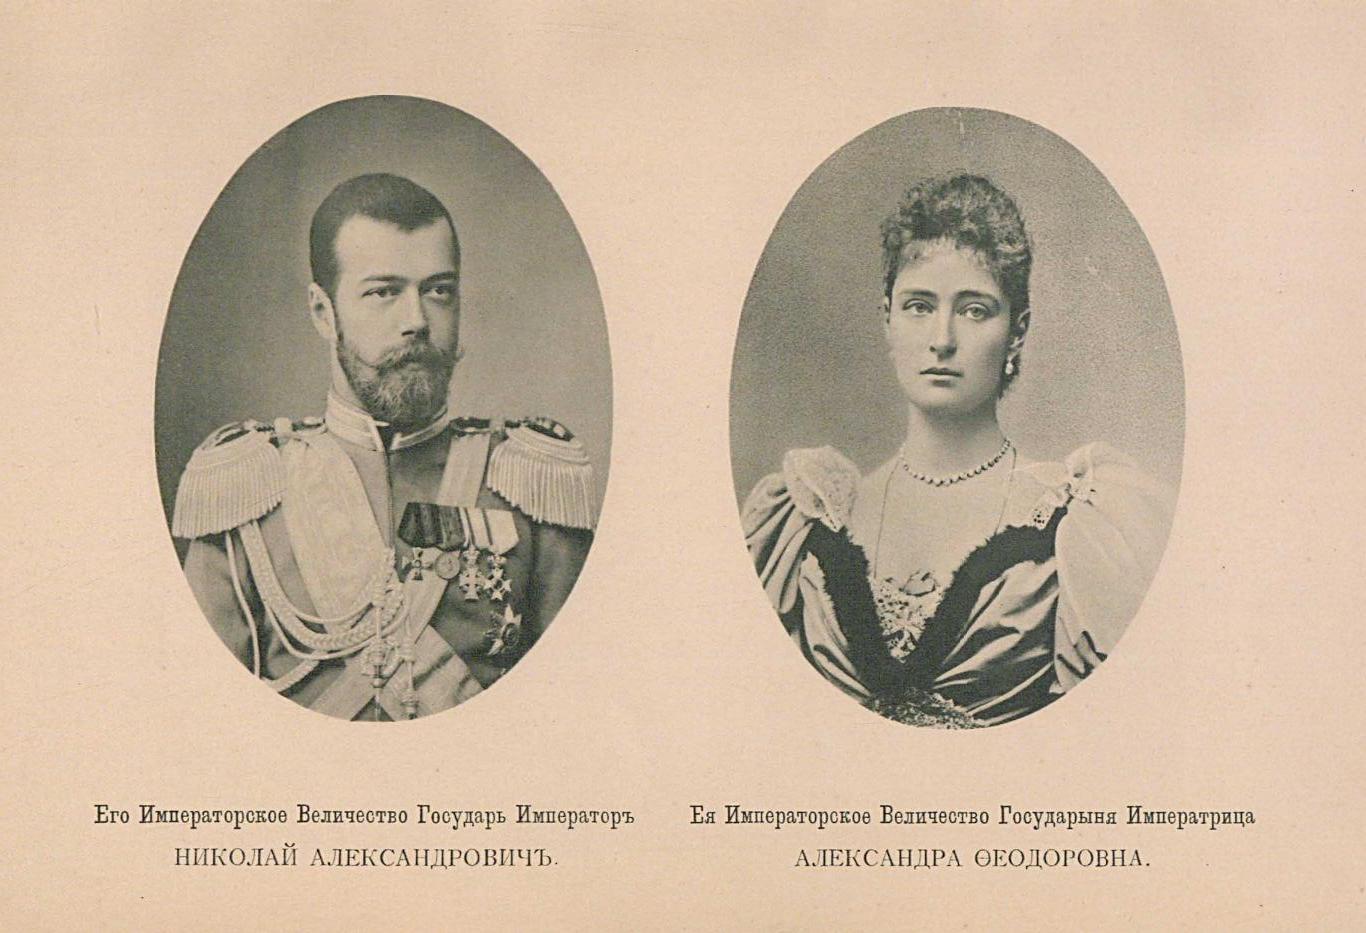 Его Императорское Величество Государь Император Николай Александрович. Её Императорское Величество Государыня Императрица Александра Фёдоровна